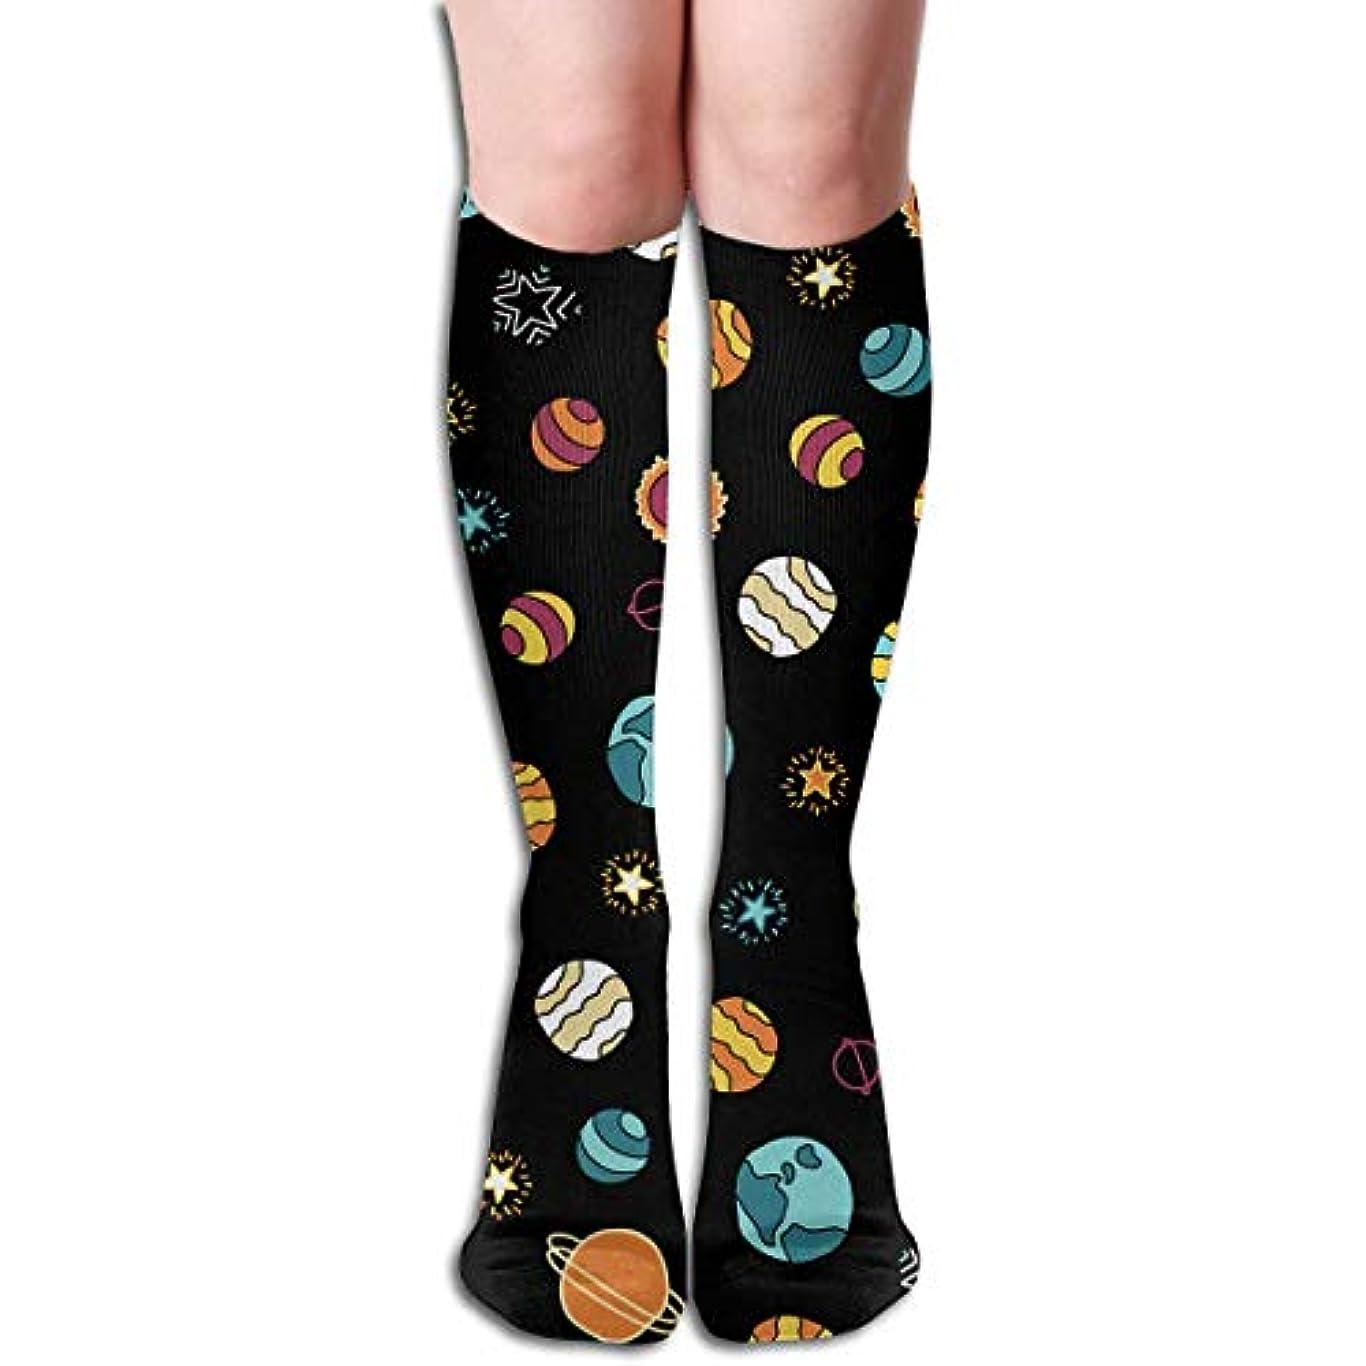 くしゃみ通行料金キモいqrriyスペース銀河チューブストッキングレディース冬暖かい膝ハイソックスブーツ靴下